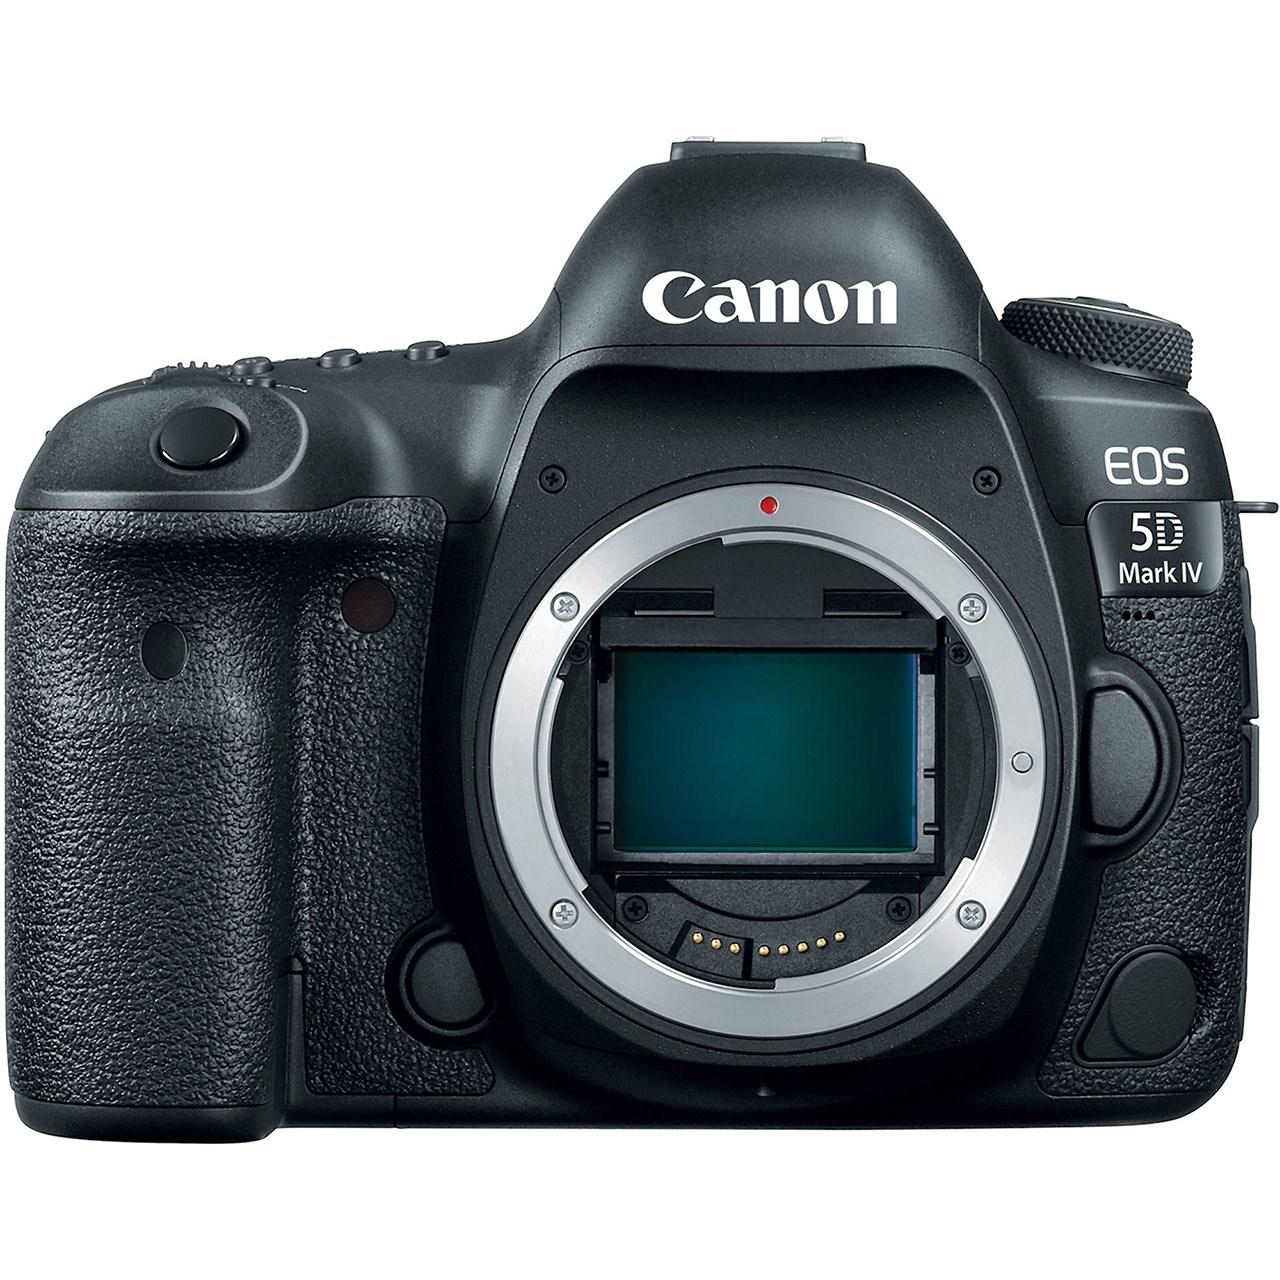 دوربين ديجيتال کانن مدل Canon EOS 5D Mark IV Digital Camera